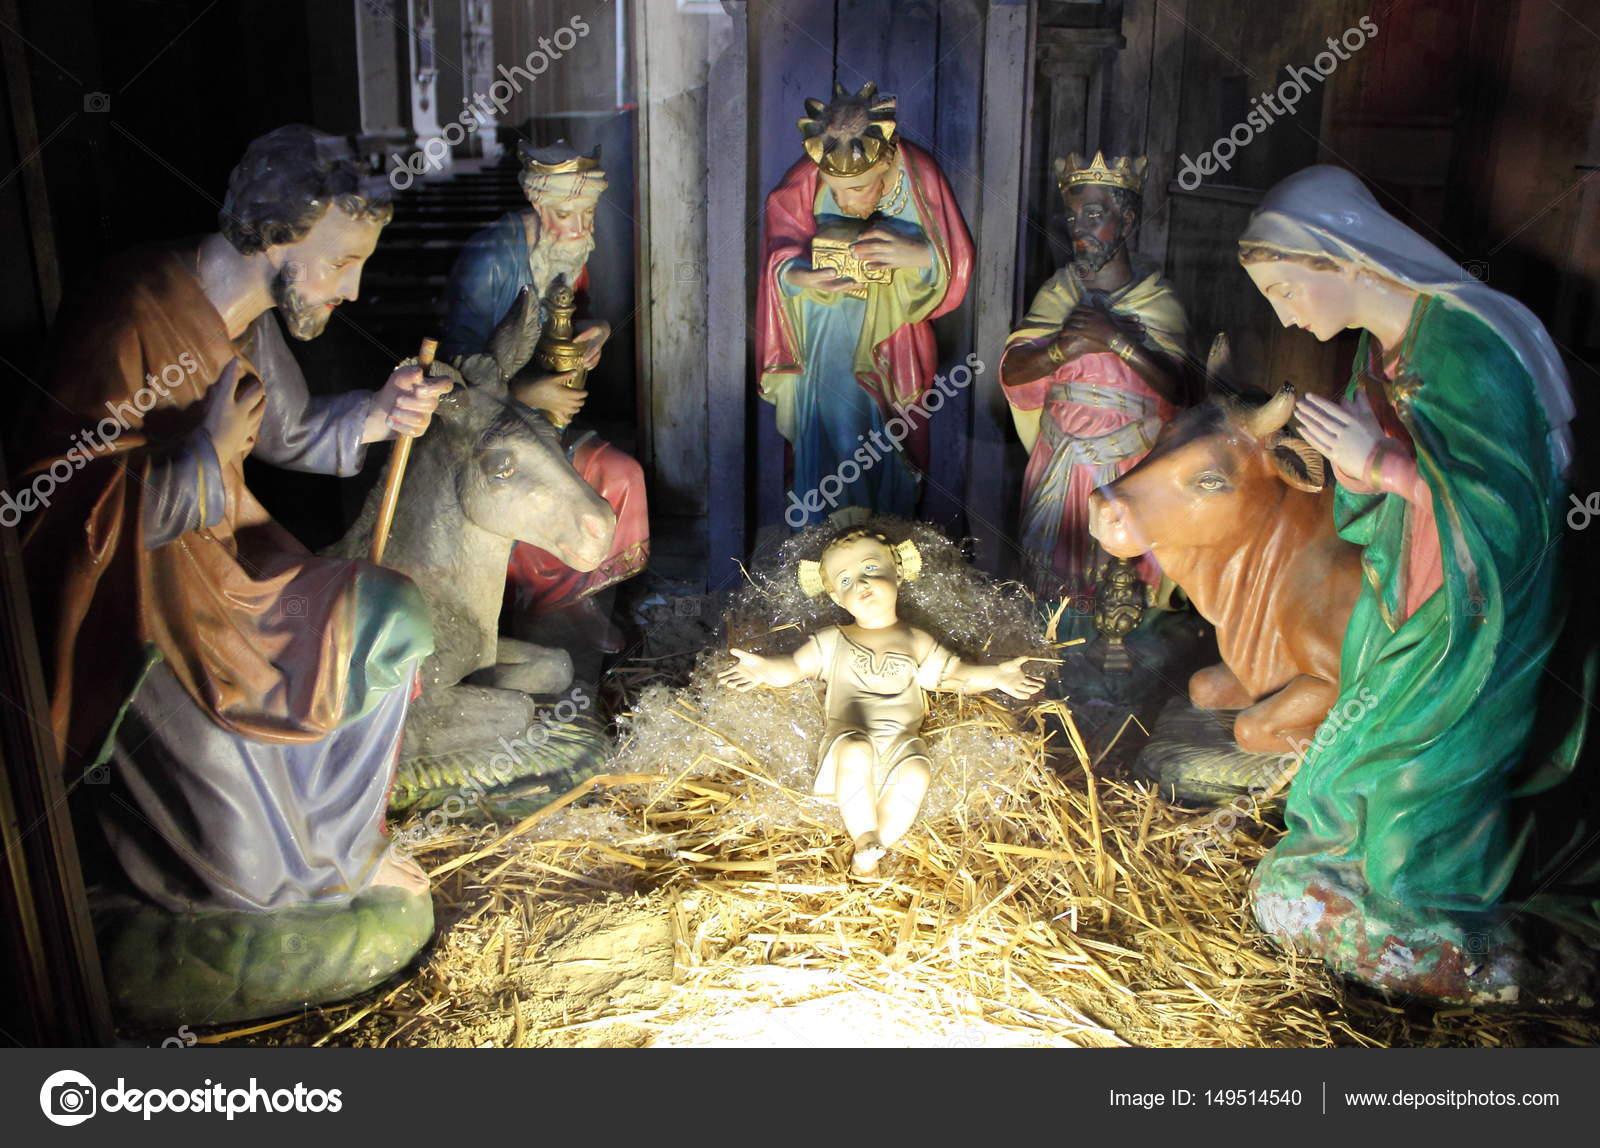 Bilder Krippe Weihnachten.Weihnachten Krippe Mit Hand Farbige Keramische Figuren Stockfoto